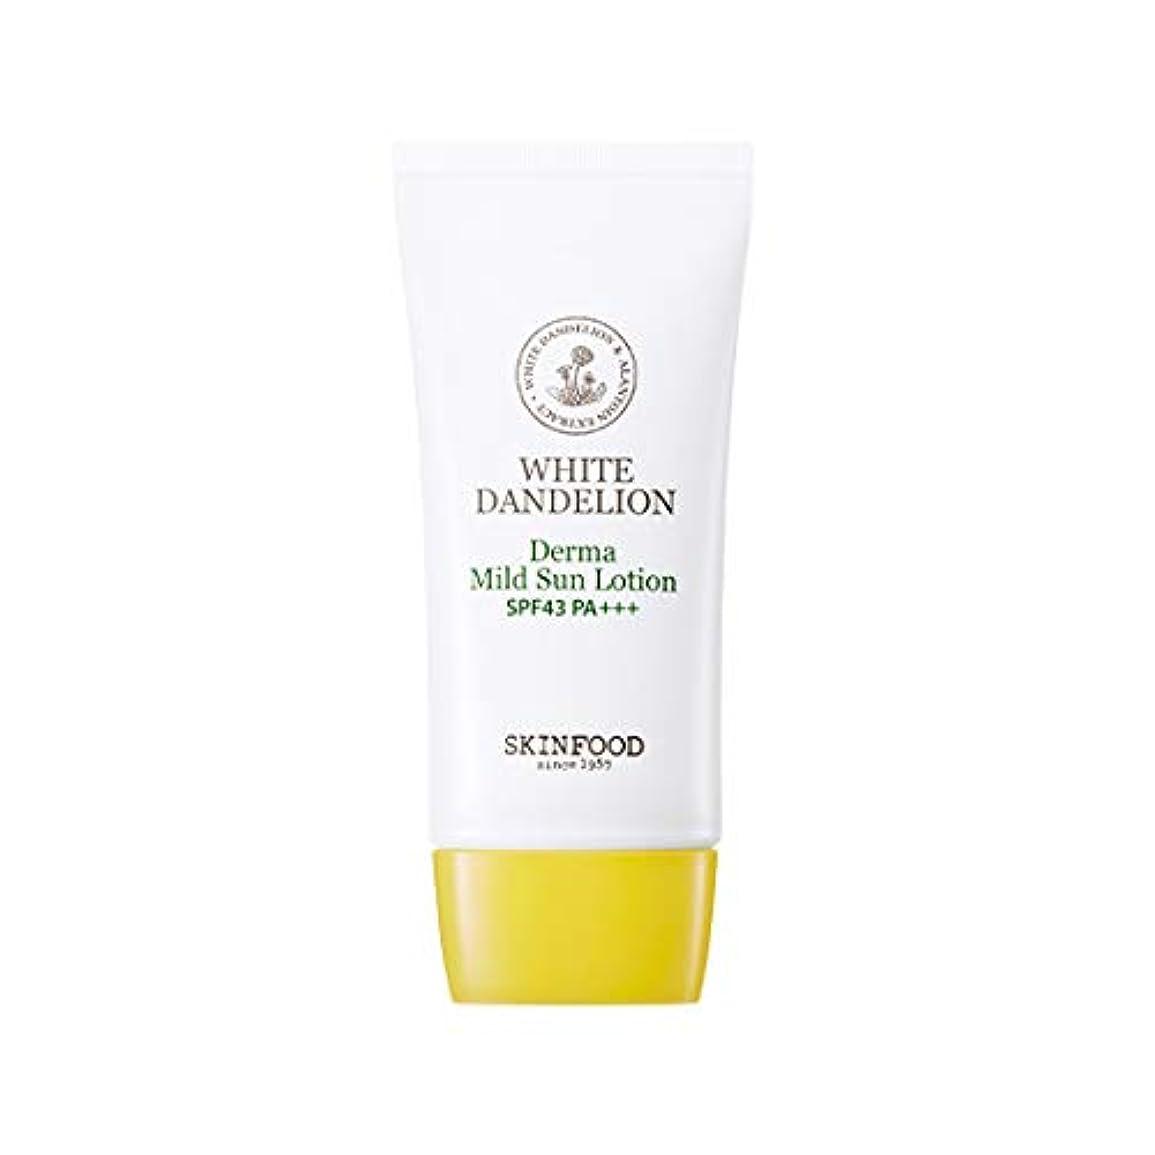 上記の頭と肩グリット調子Skinfood ホワイトタンポポダーママイルドサンローションSPF43 PA +++ / White Dandelion Derma Mild Sun Lotion SPF43 PA+++ 50g [並行輸入品]